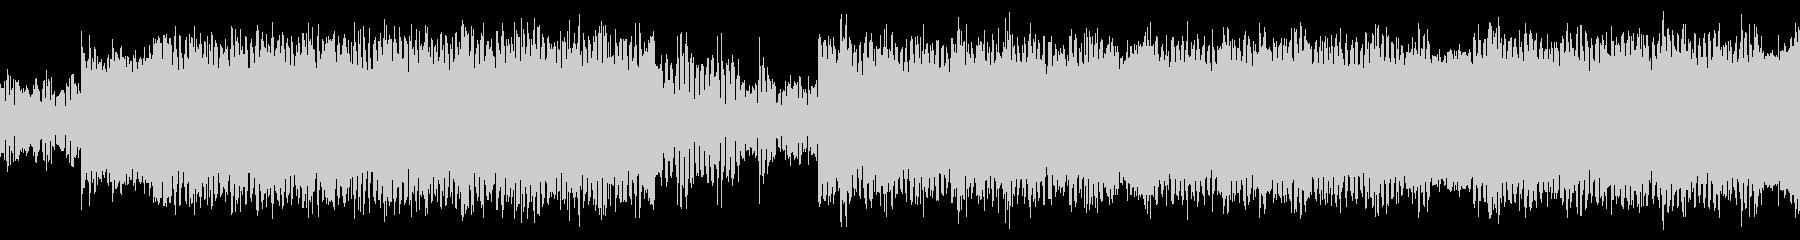 サイケデリック、SFシューティングBGMの未再生の波形